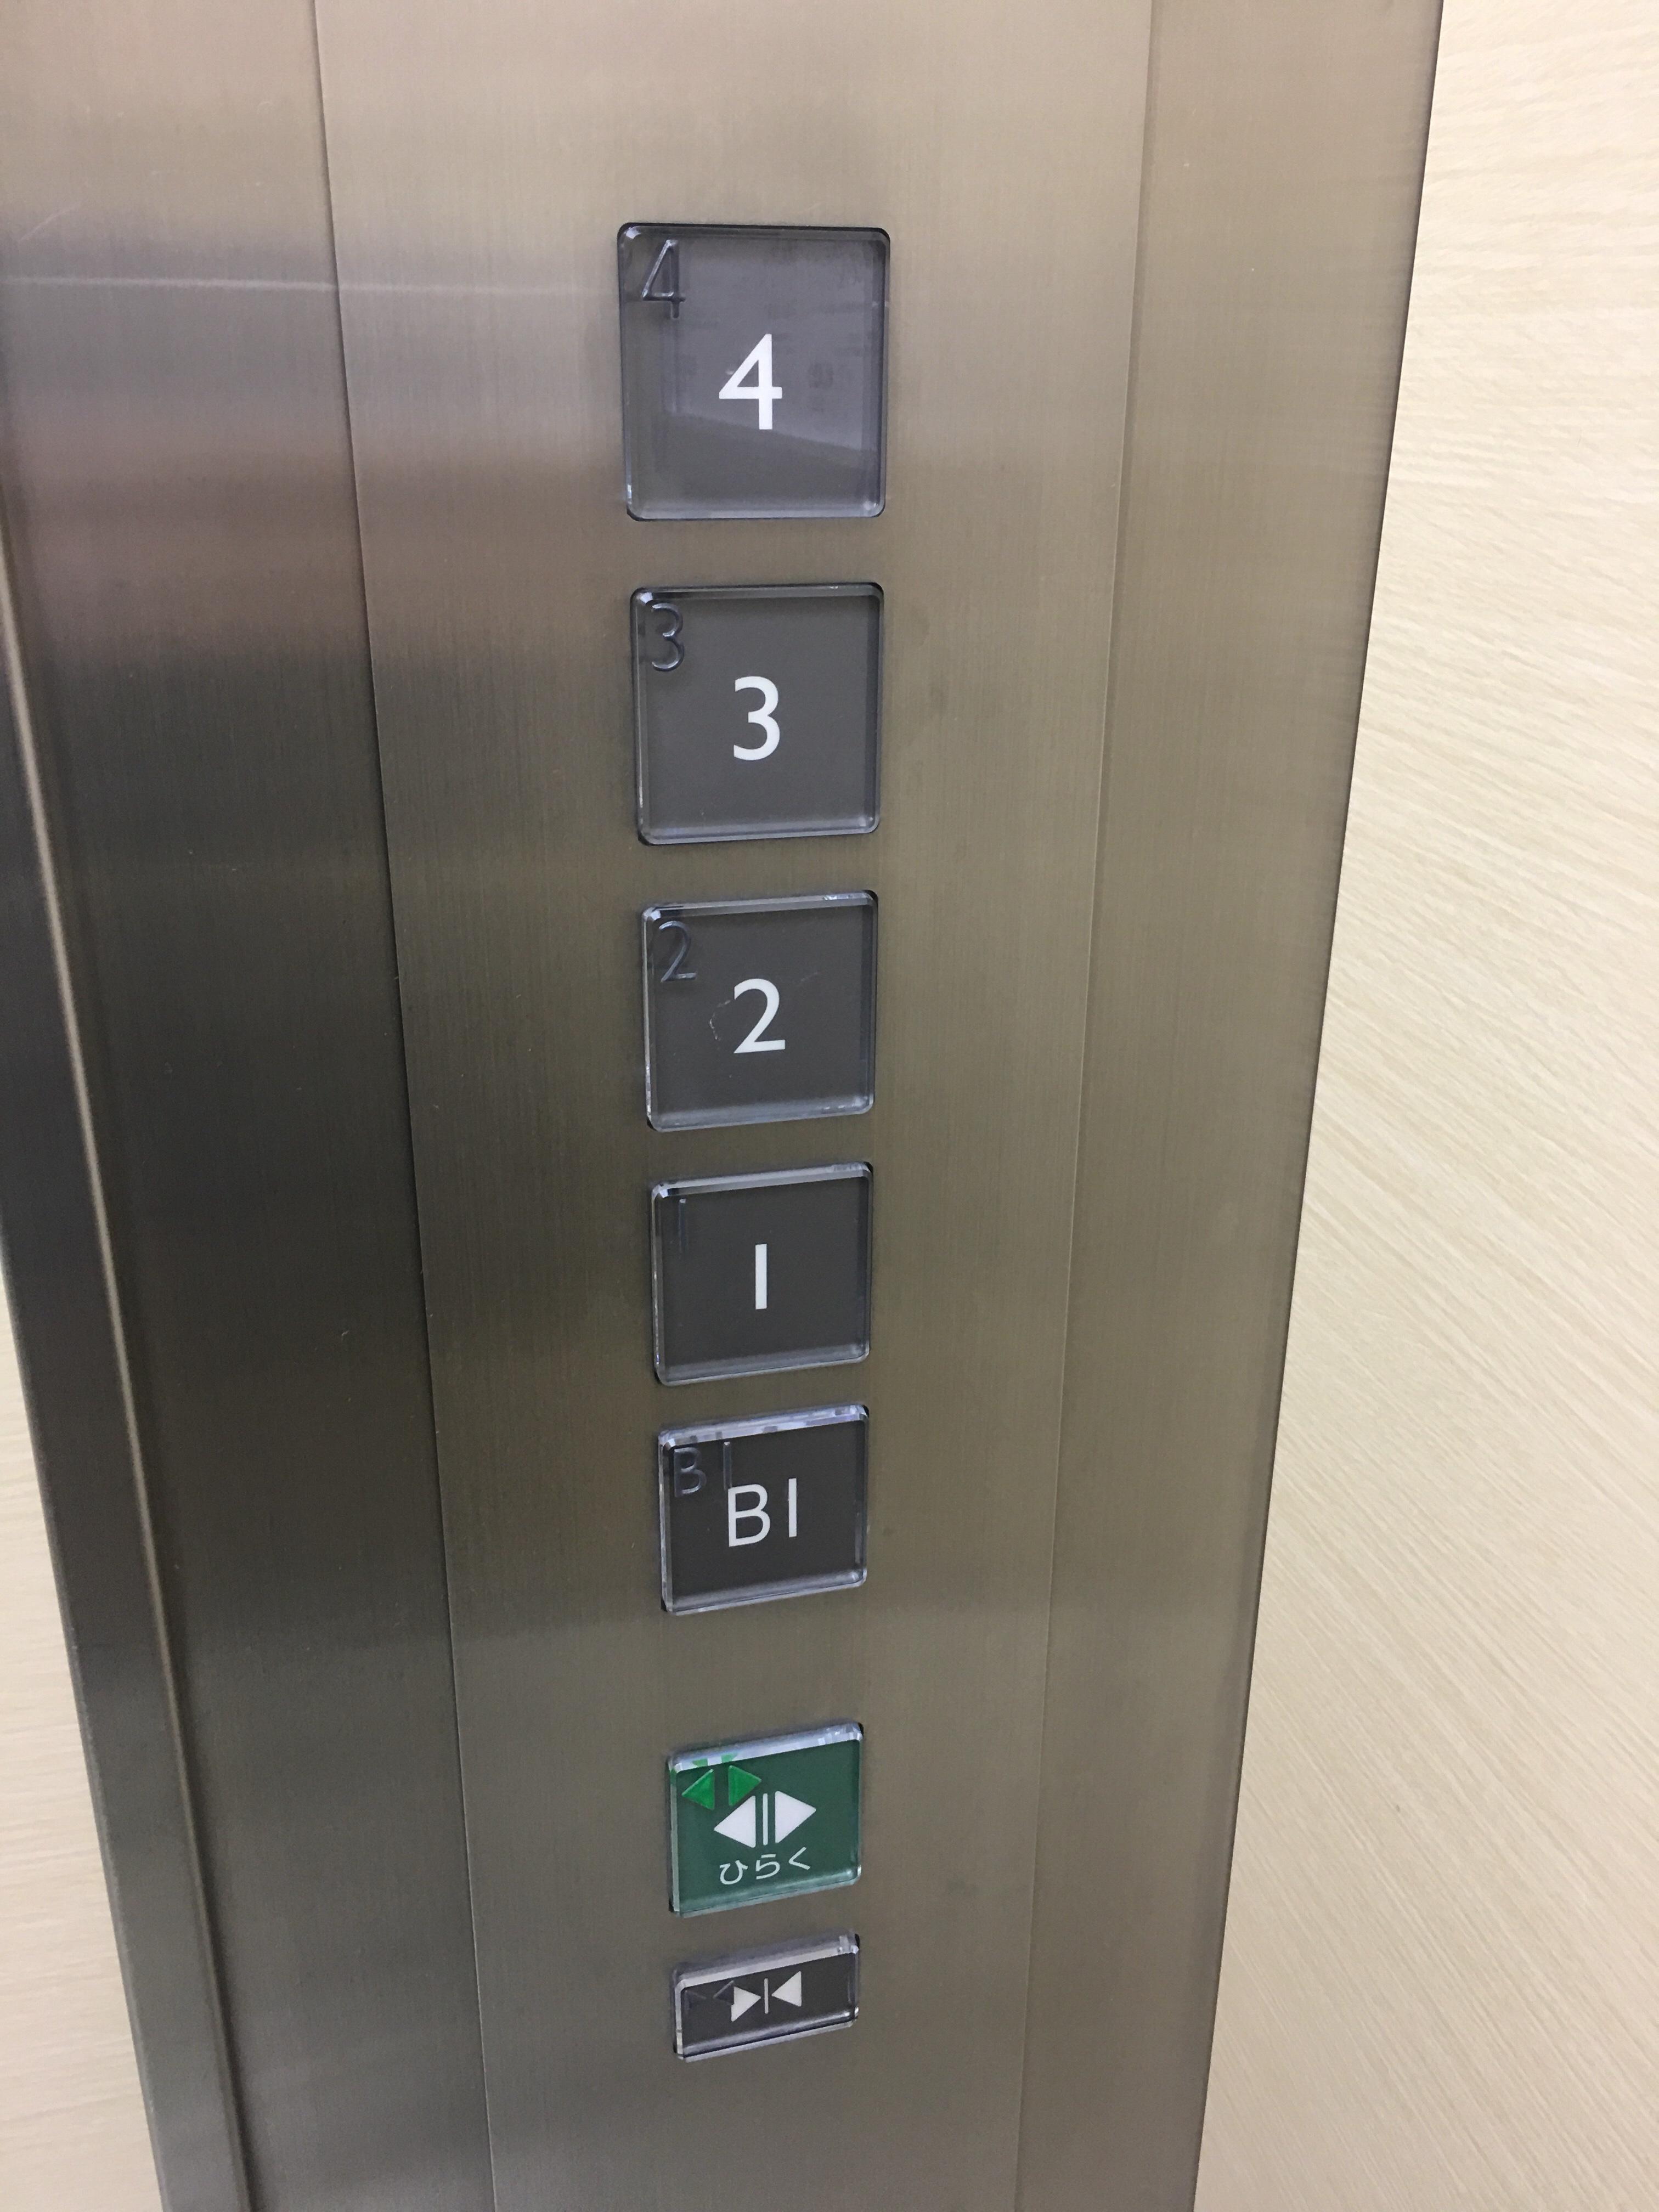 押し心地のよいボタンに潜むデザインの思想